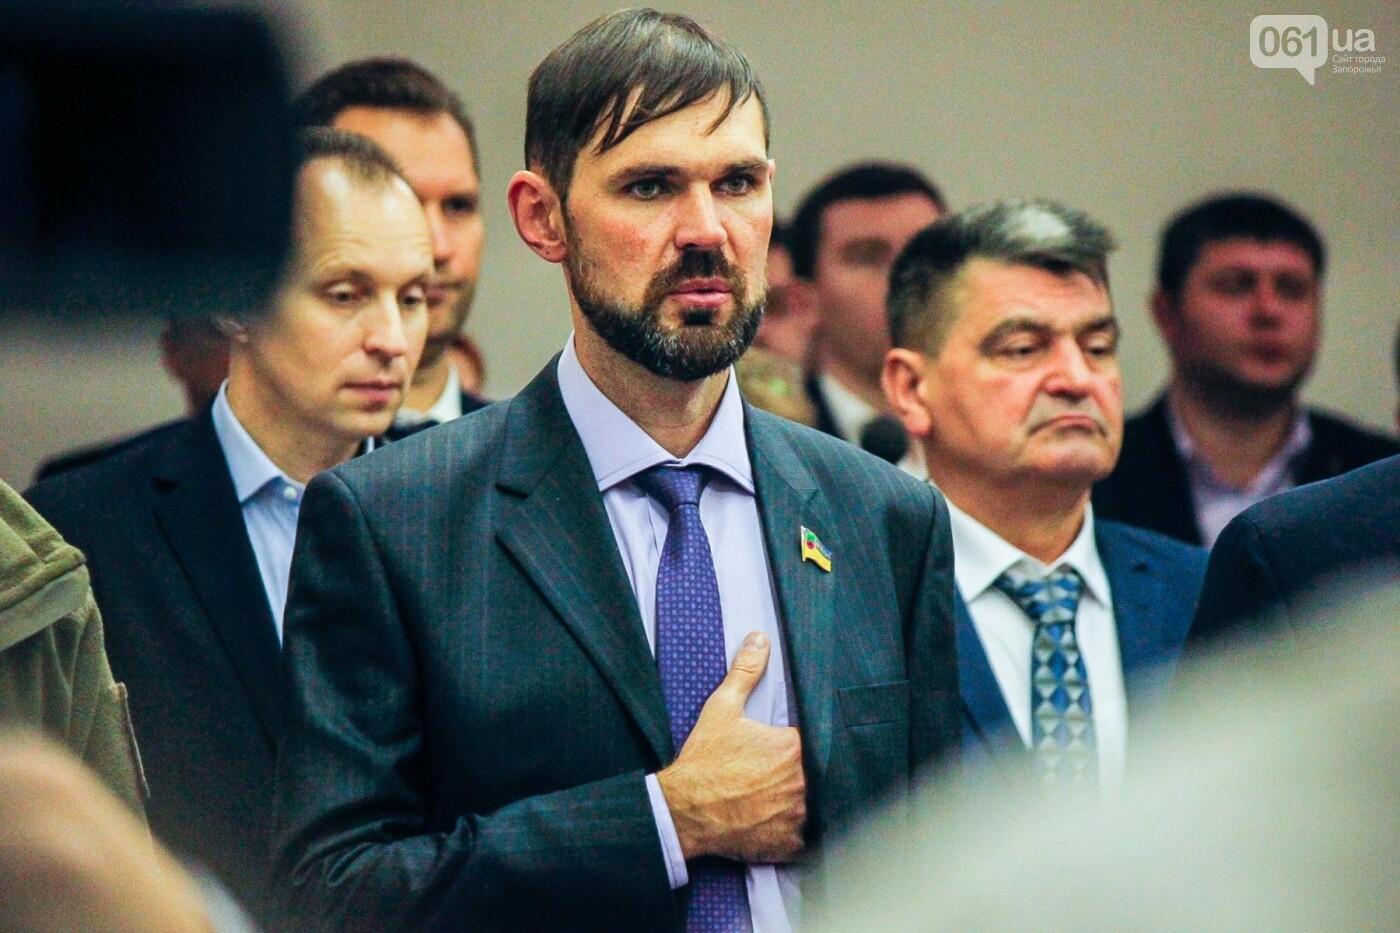 Сессия запорожского горсовета в лицах, - ФОТОРЕПОРТАЖ, фото-64